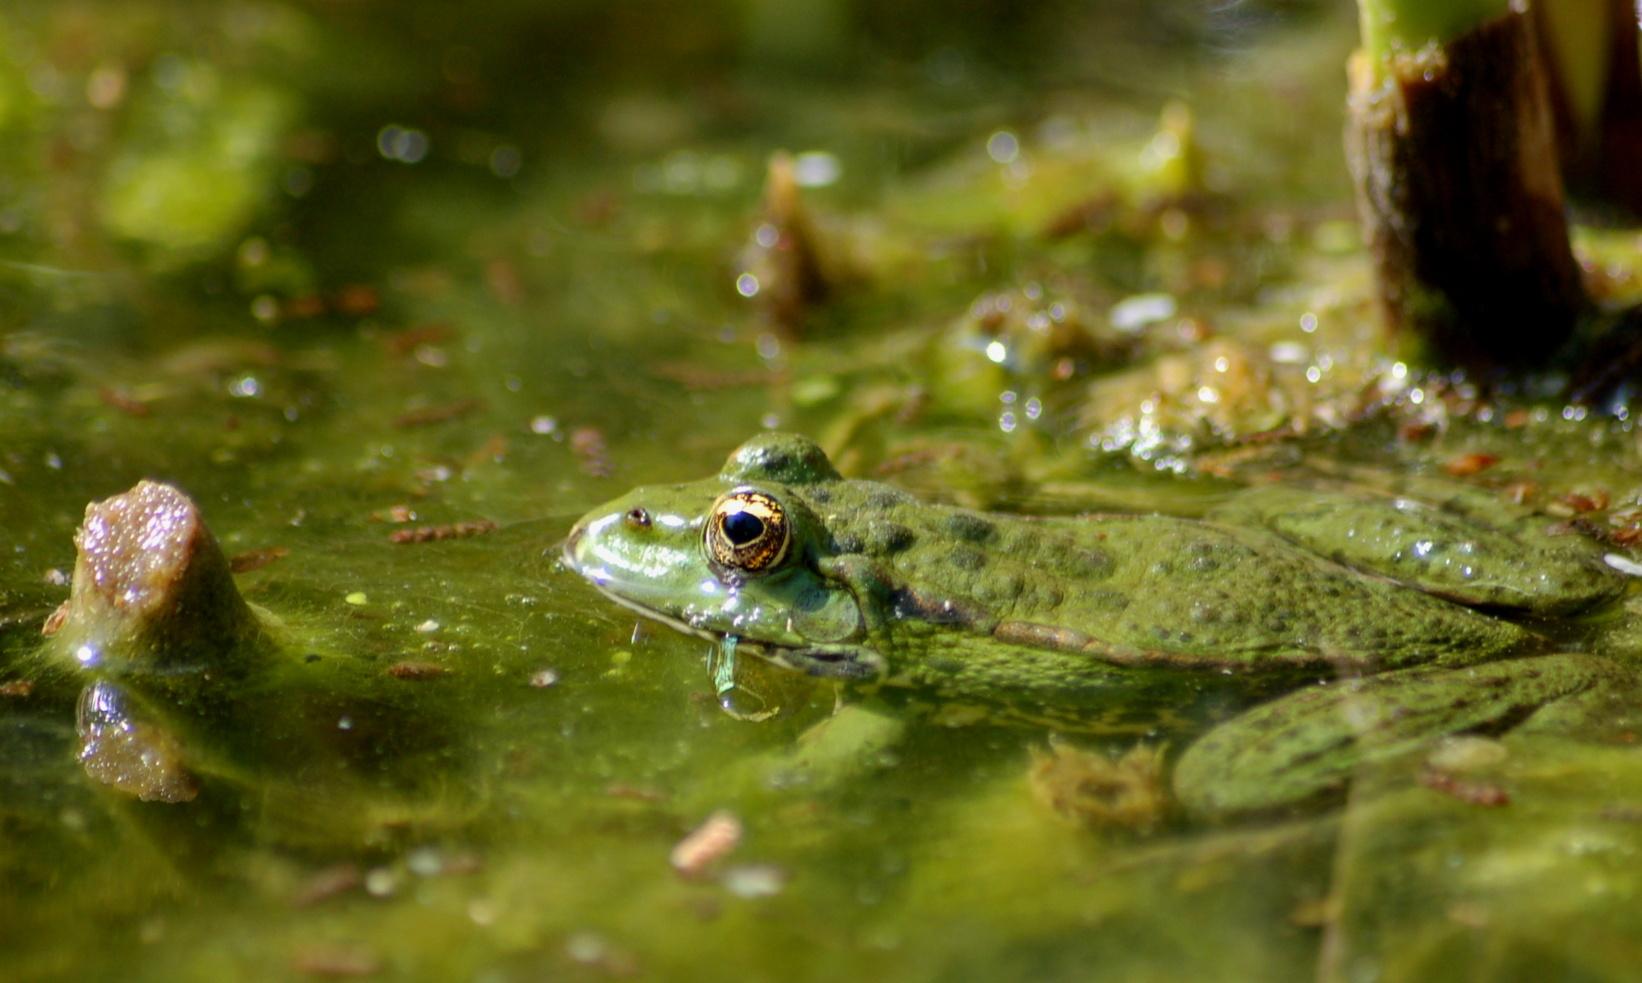 le jardin des plantes u2026 et des grenouilles